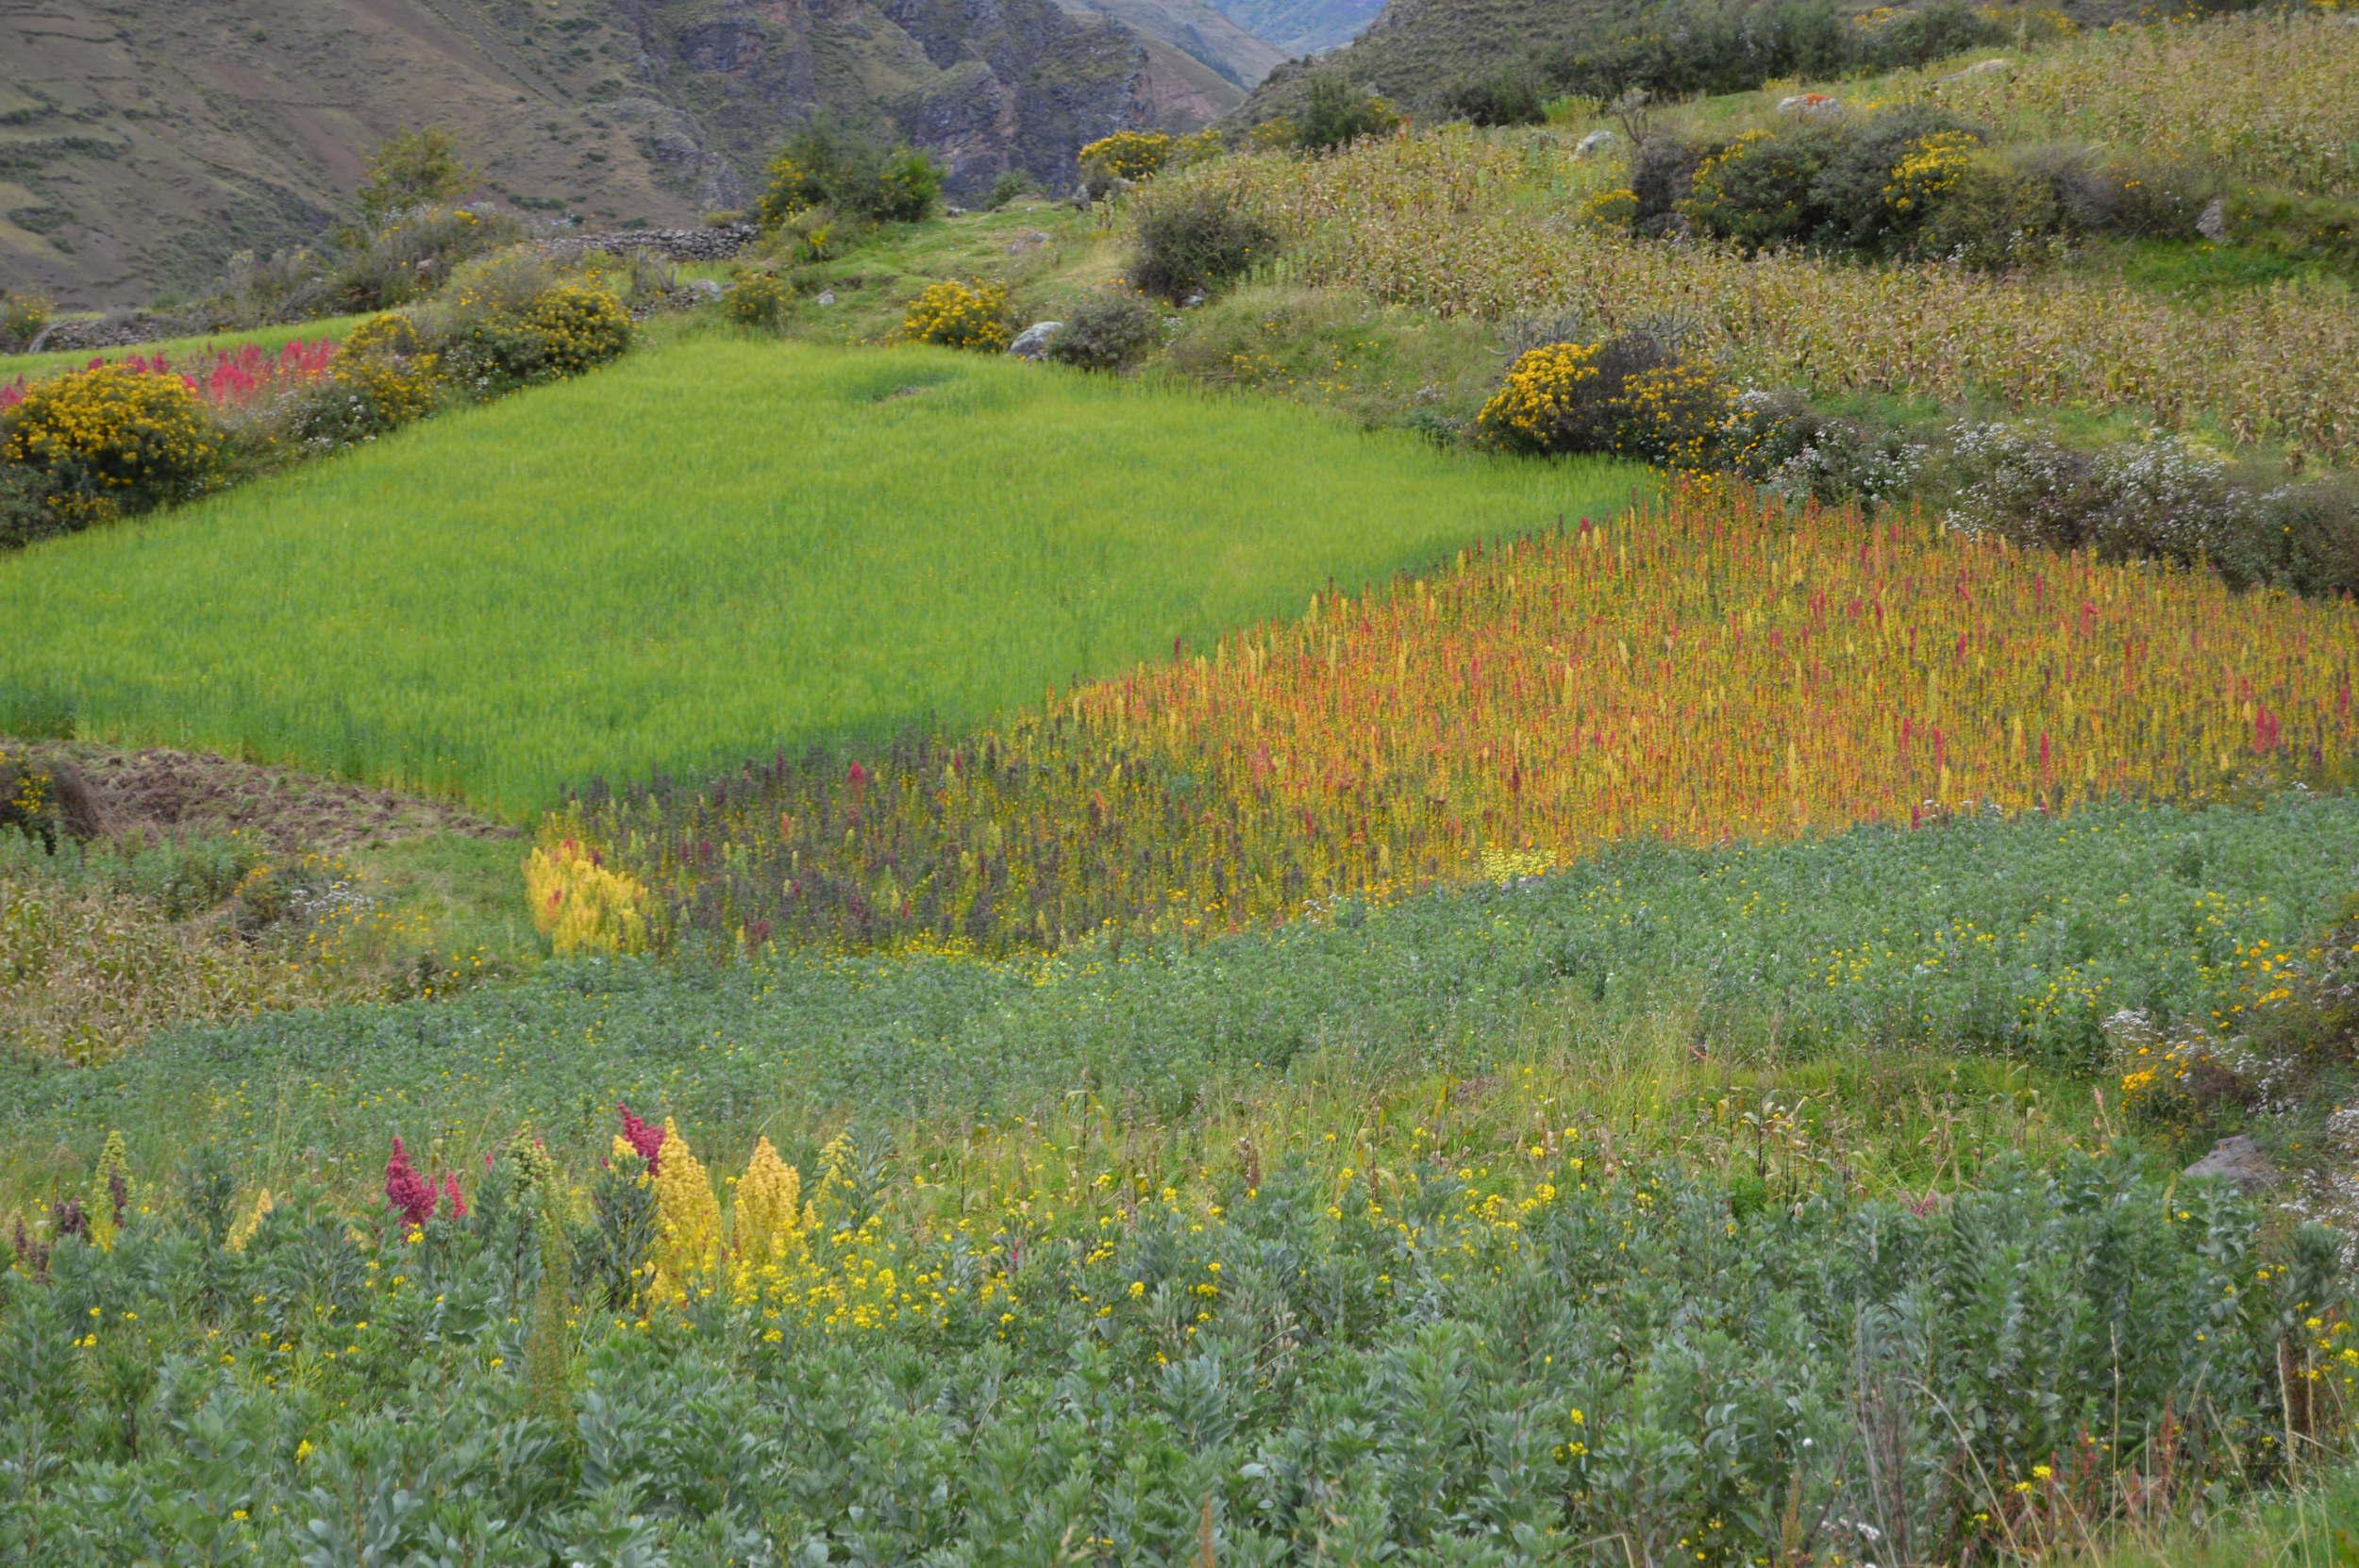 Quinoa fields in Amaru Community near Cusco, Peru